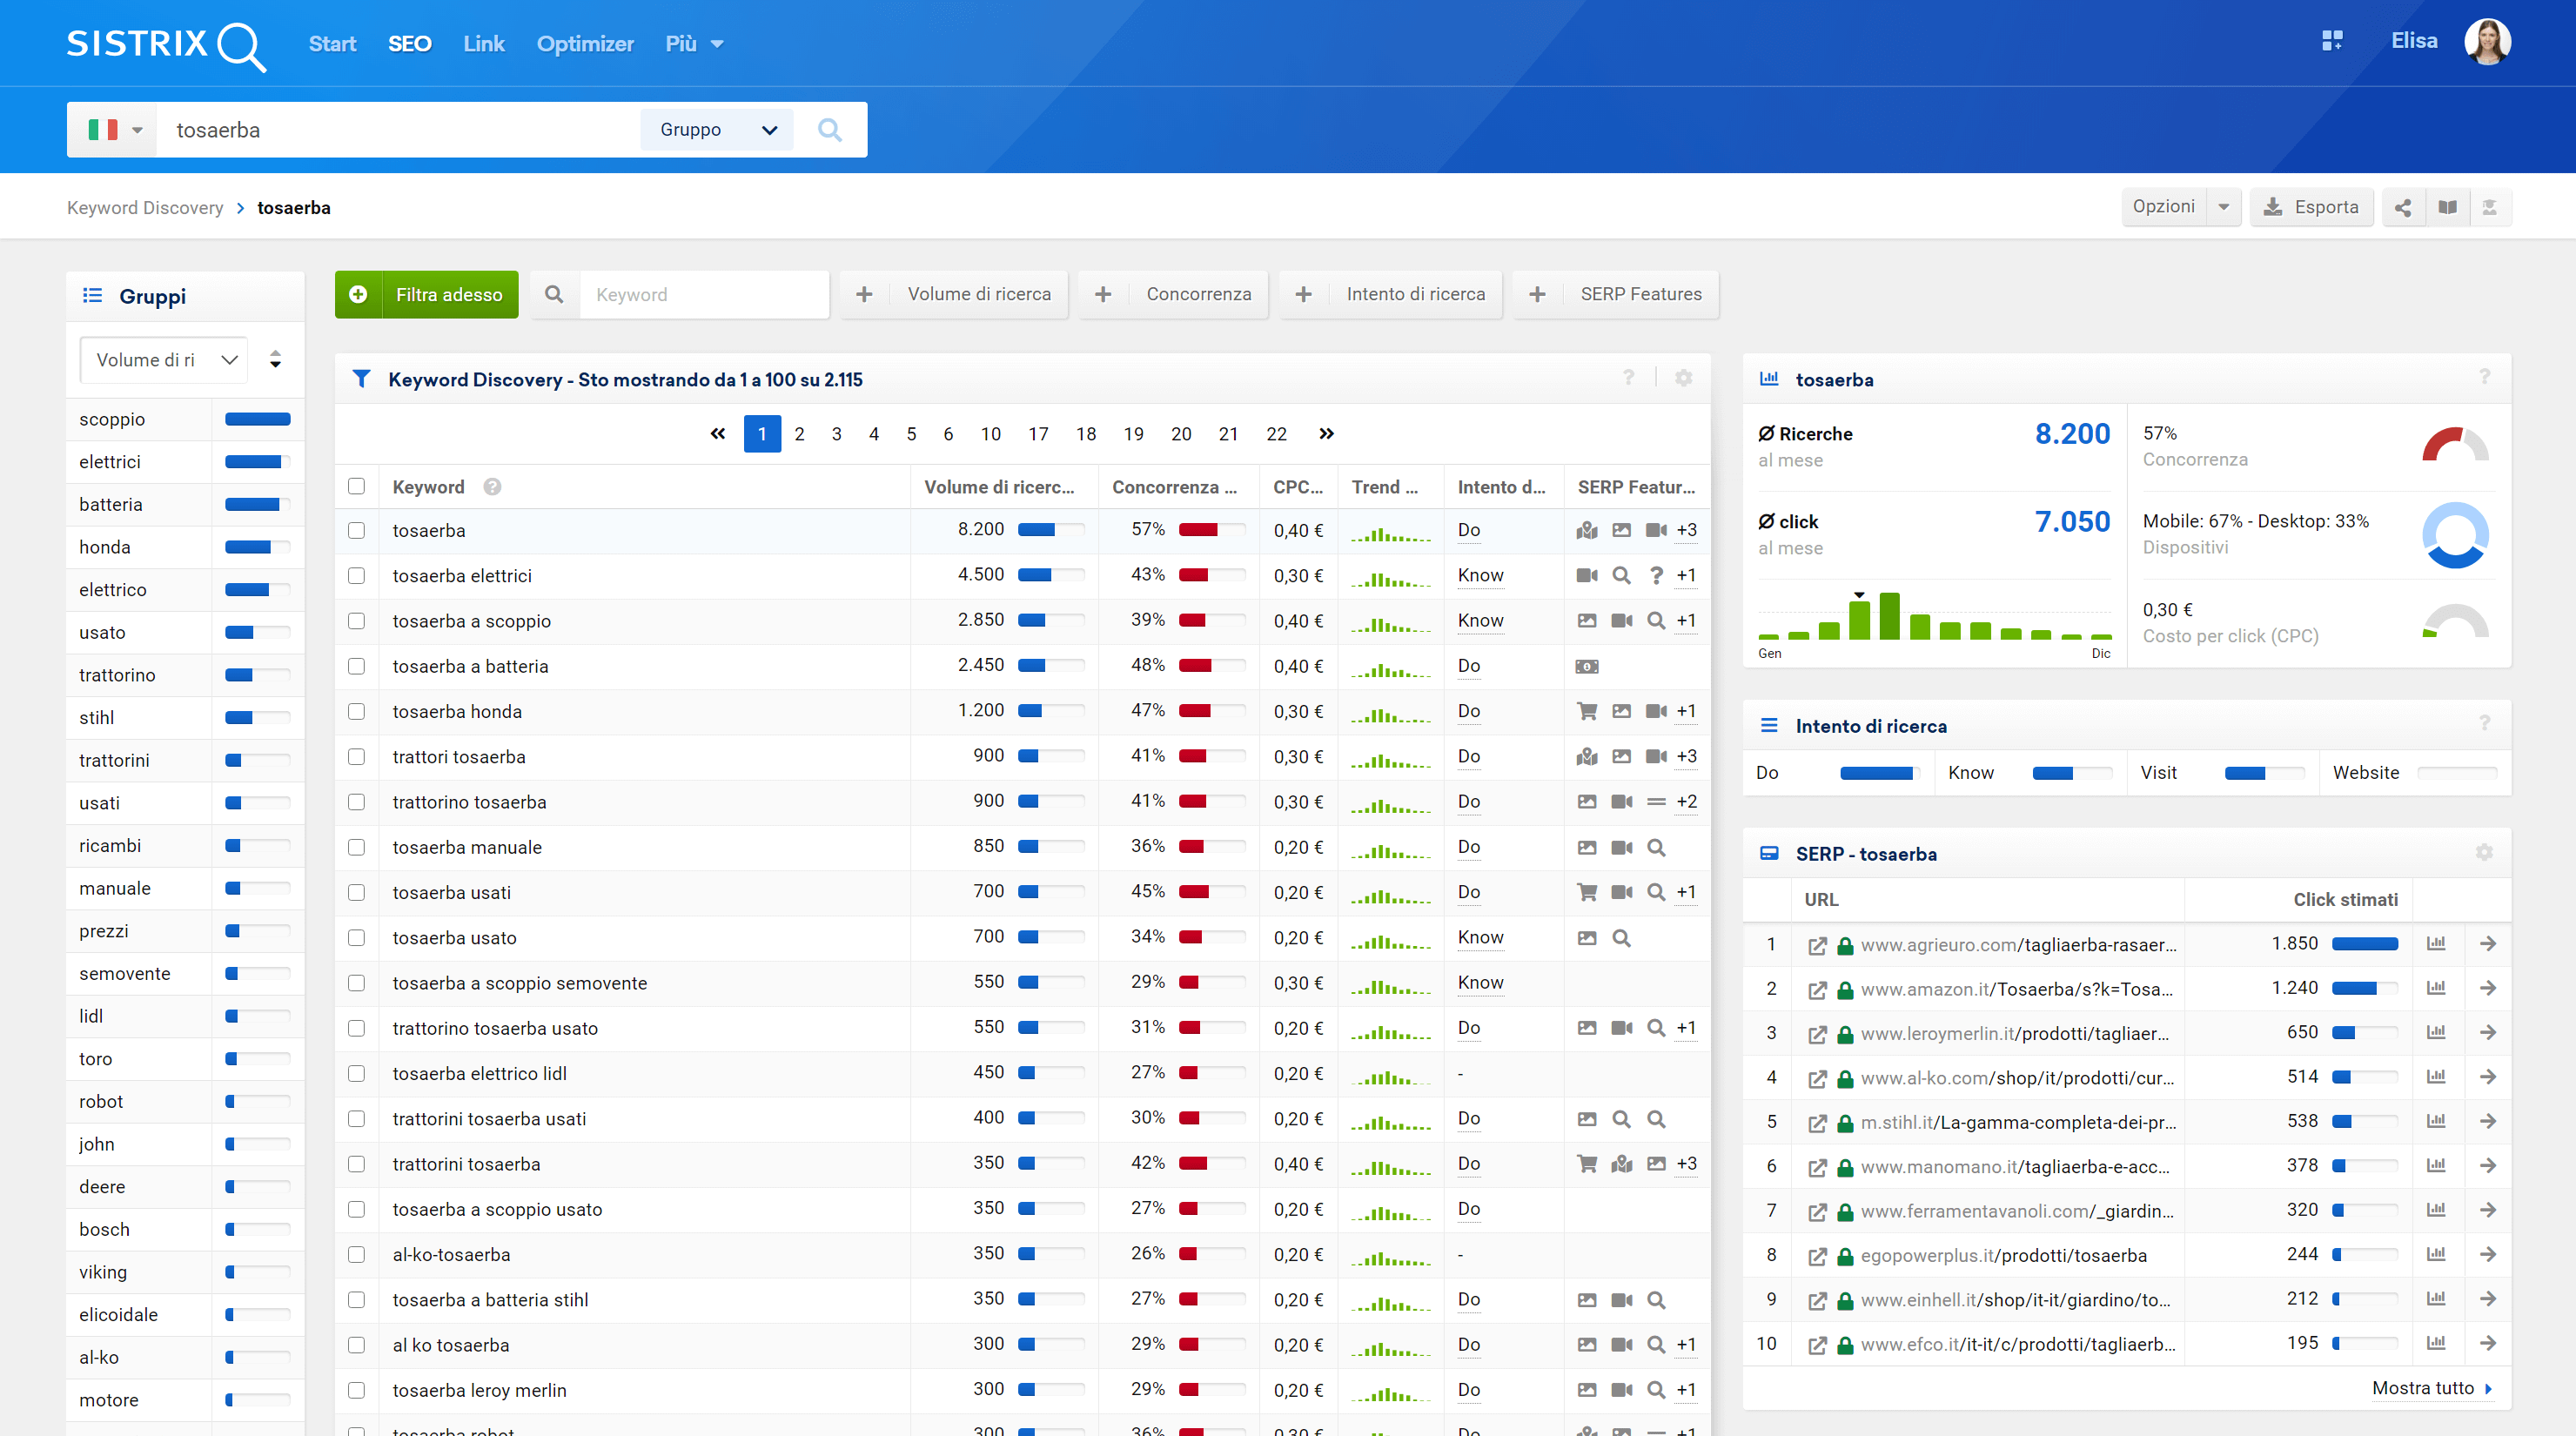 L'interfaccia di keyword discovery su SISTRIX